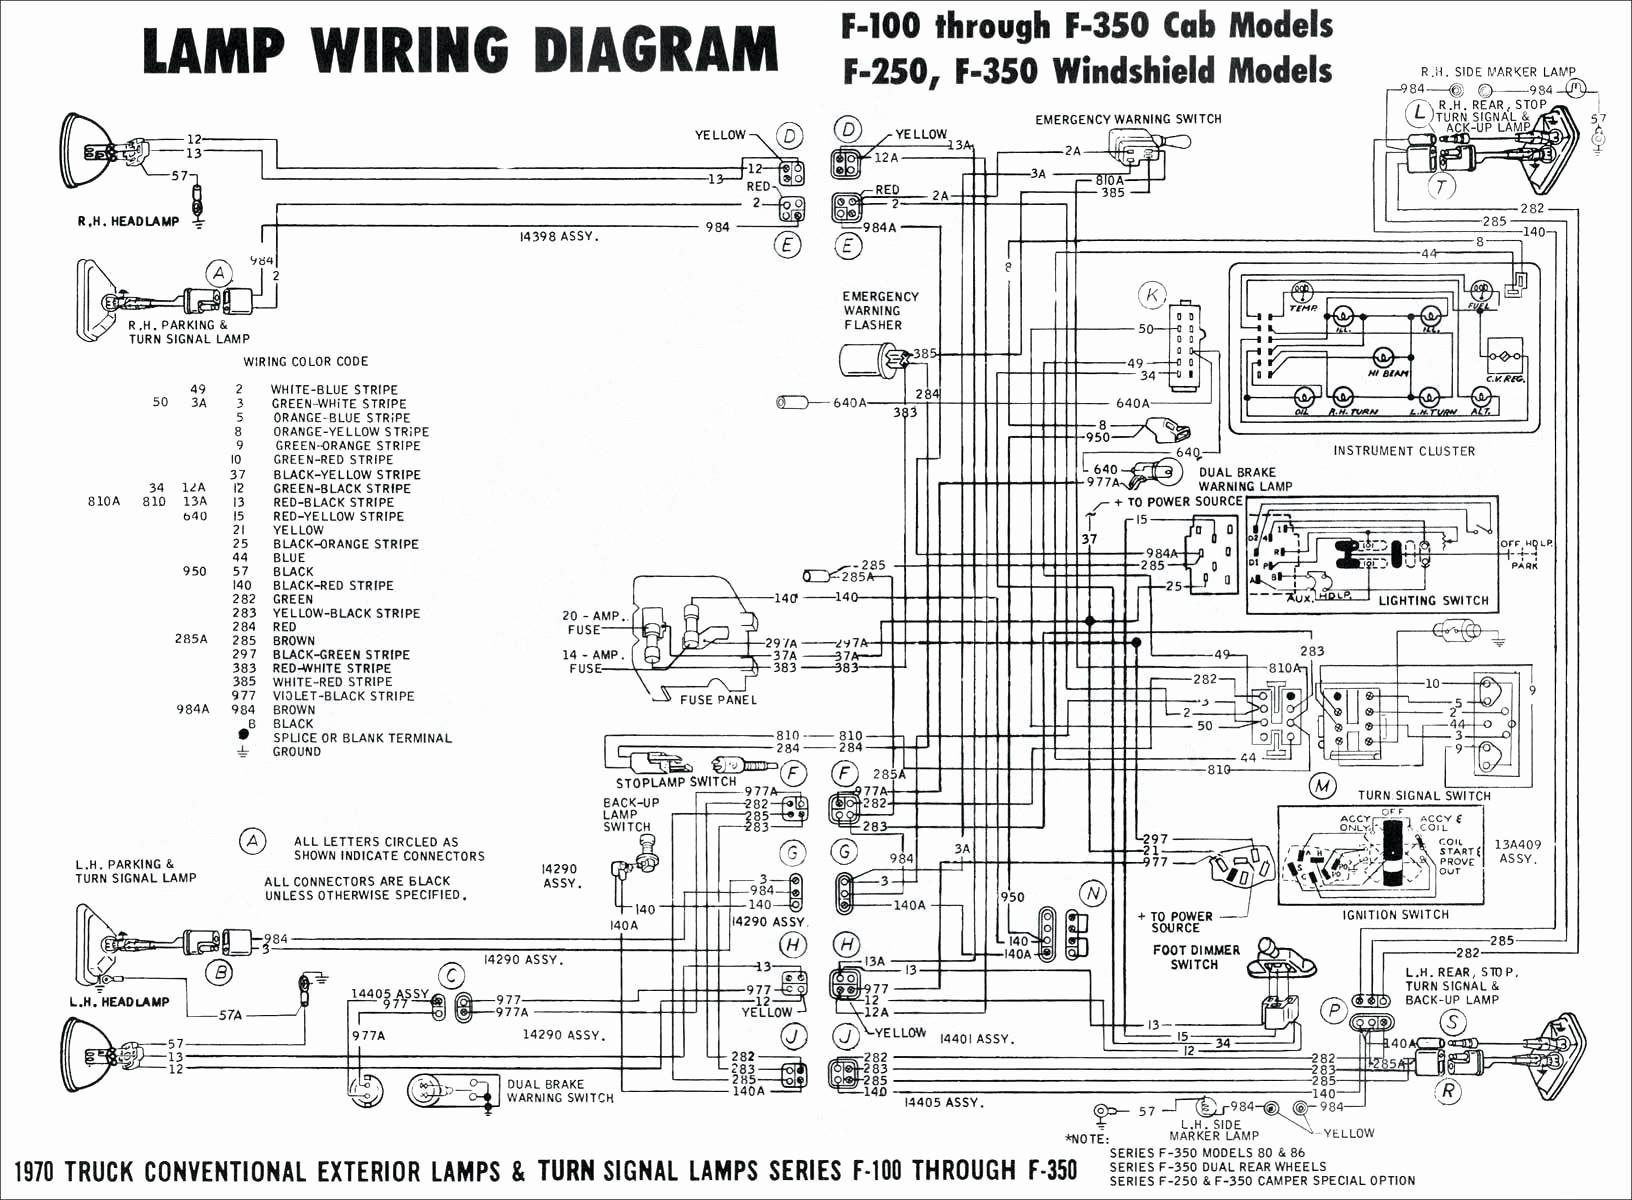 69 Camaro Wiring Diagram 69 Camaro Turn Signal Wiring Schematics Wiring Diagrams • Of 69 Camaro Wiring Diagram